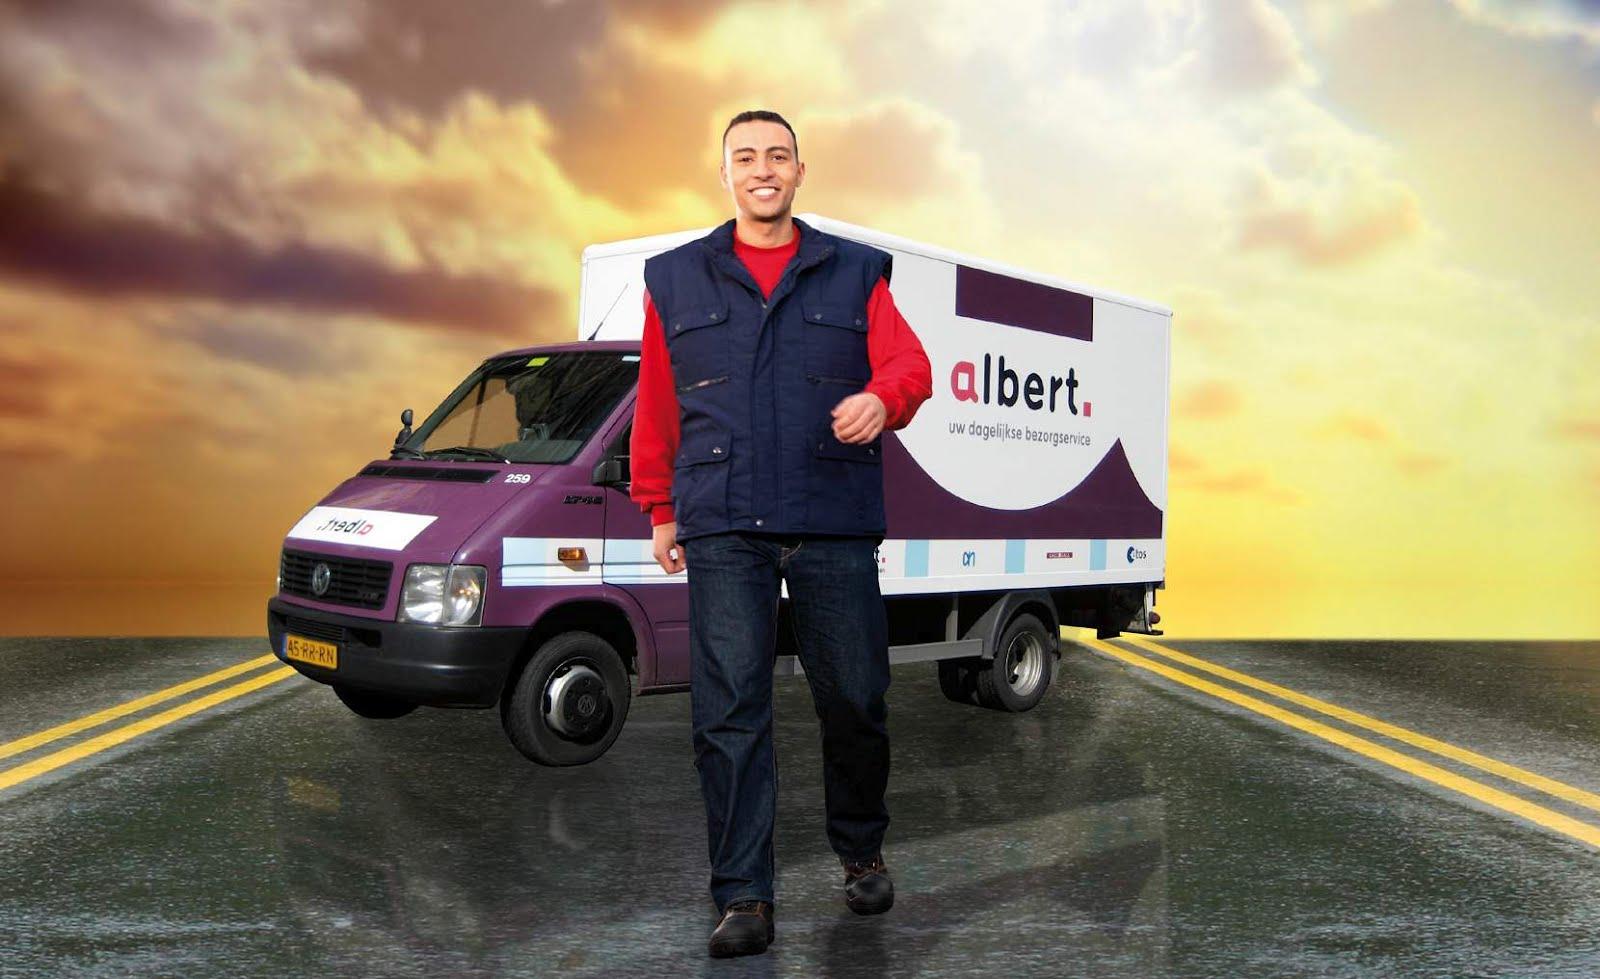 ALBERT | Bezorgservice van Albert Heijn